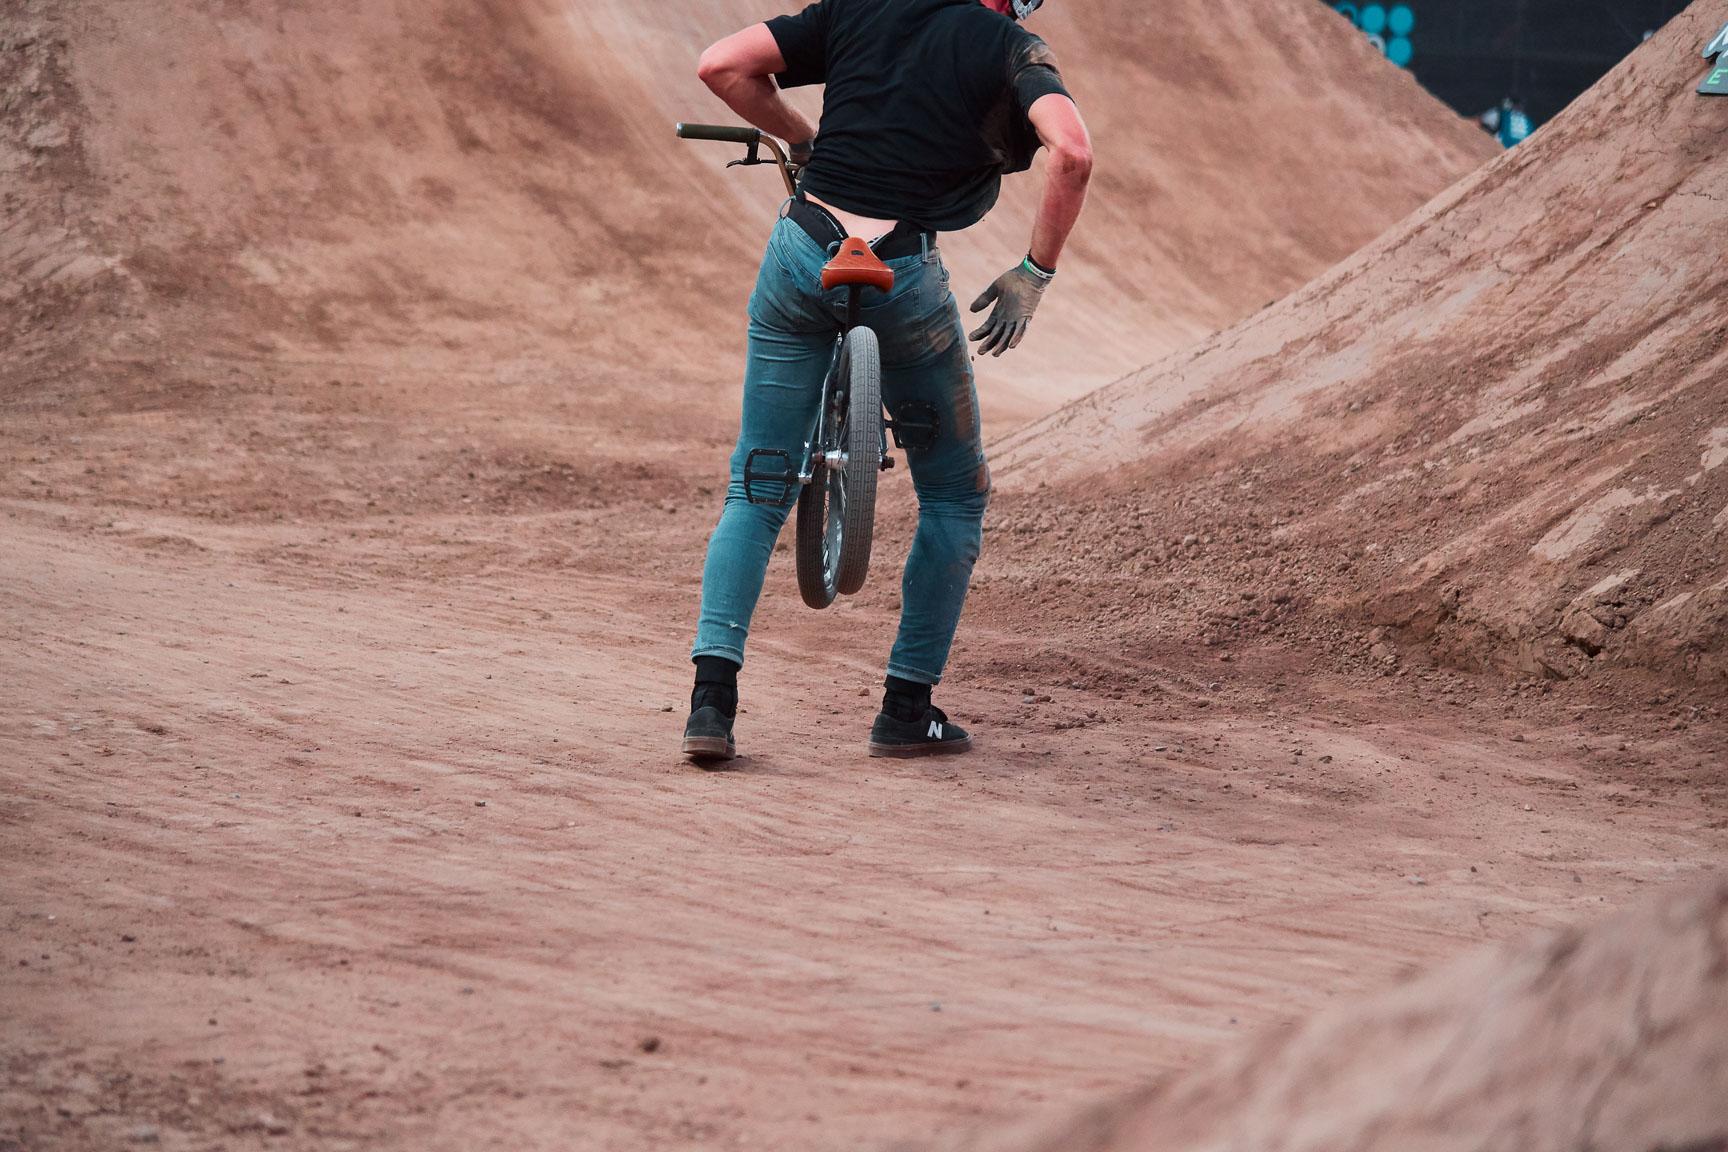 Dawid Godziek, BMX Dirt Final